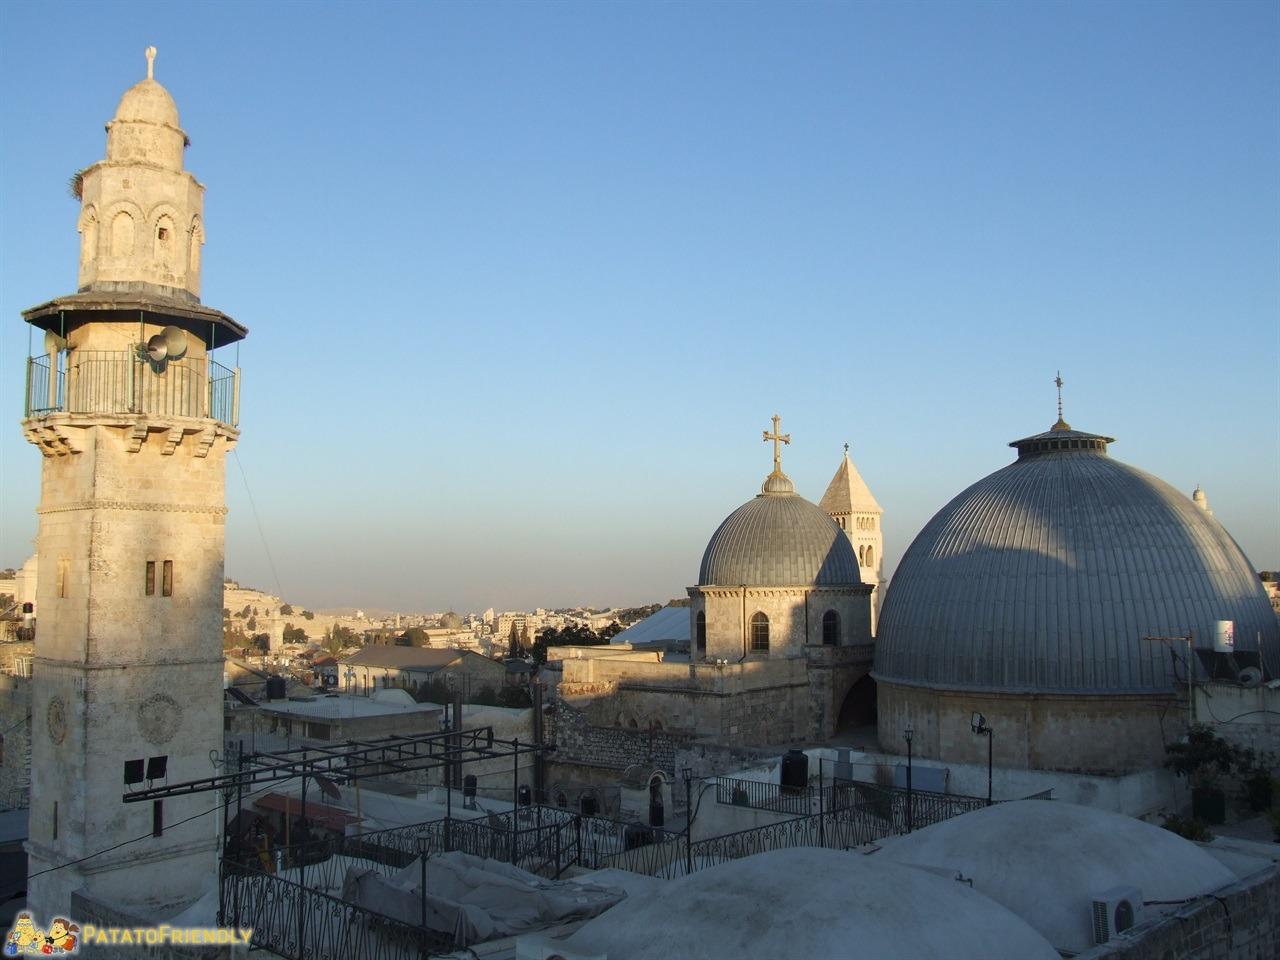 [cml_media_alt id='6651']I miei viaggi e quelli che vorrei fare - Gerusalemme[/cml_media_alt]